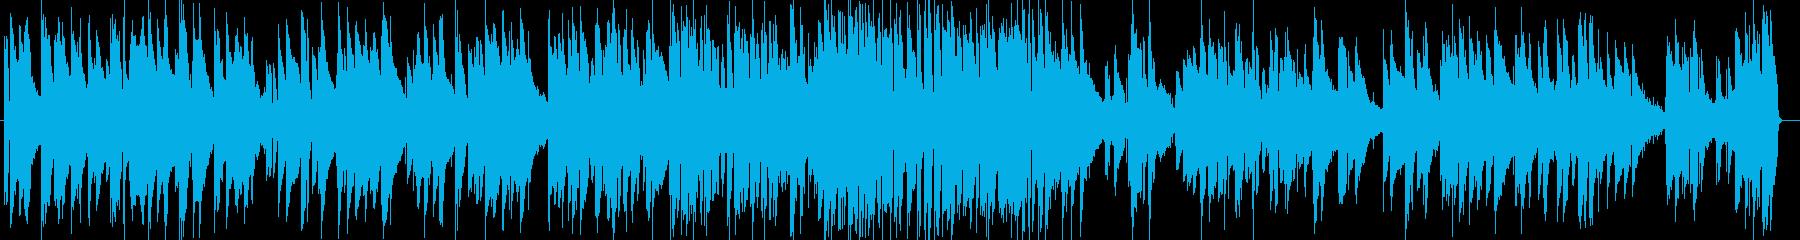 唱歌のピアノトリオの再生済みの波形